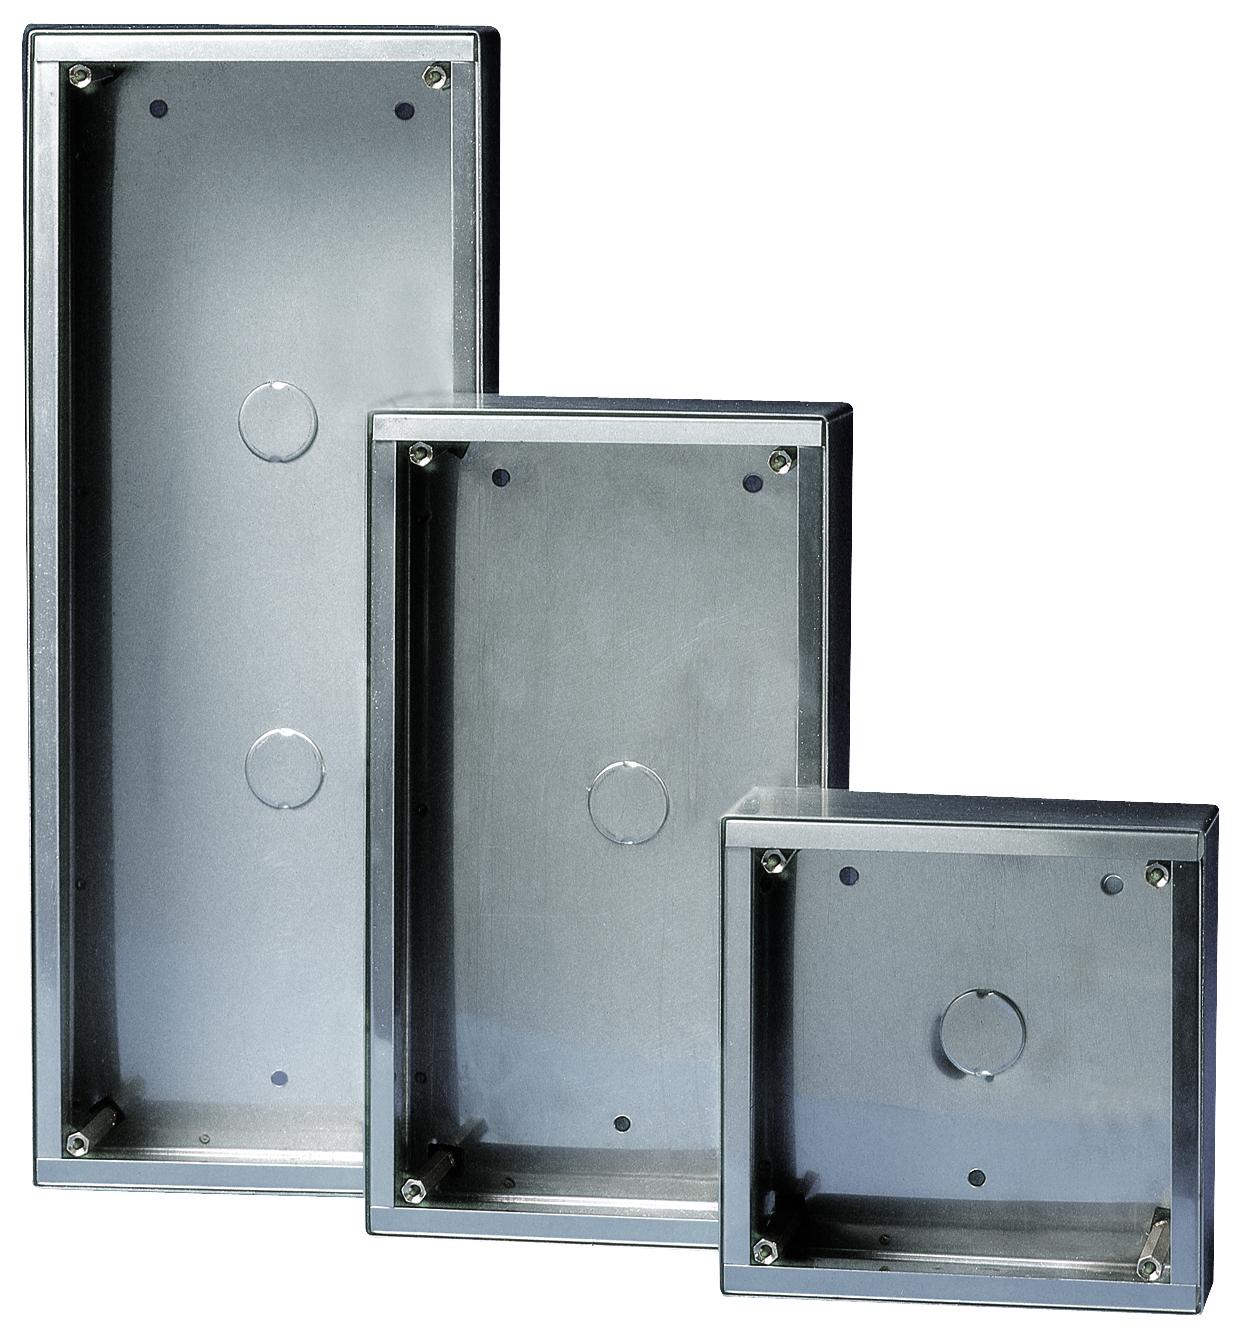 1 Stk AP-Gehäuse Edelstahl für 1 Modul Vandalcom SP315901--